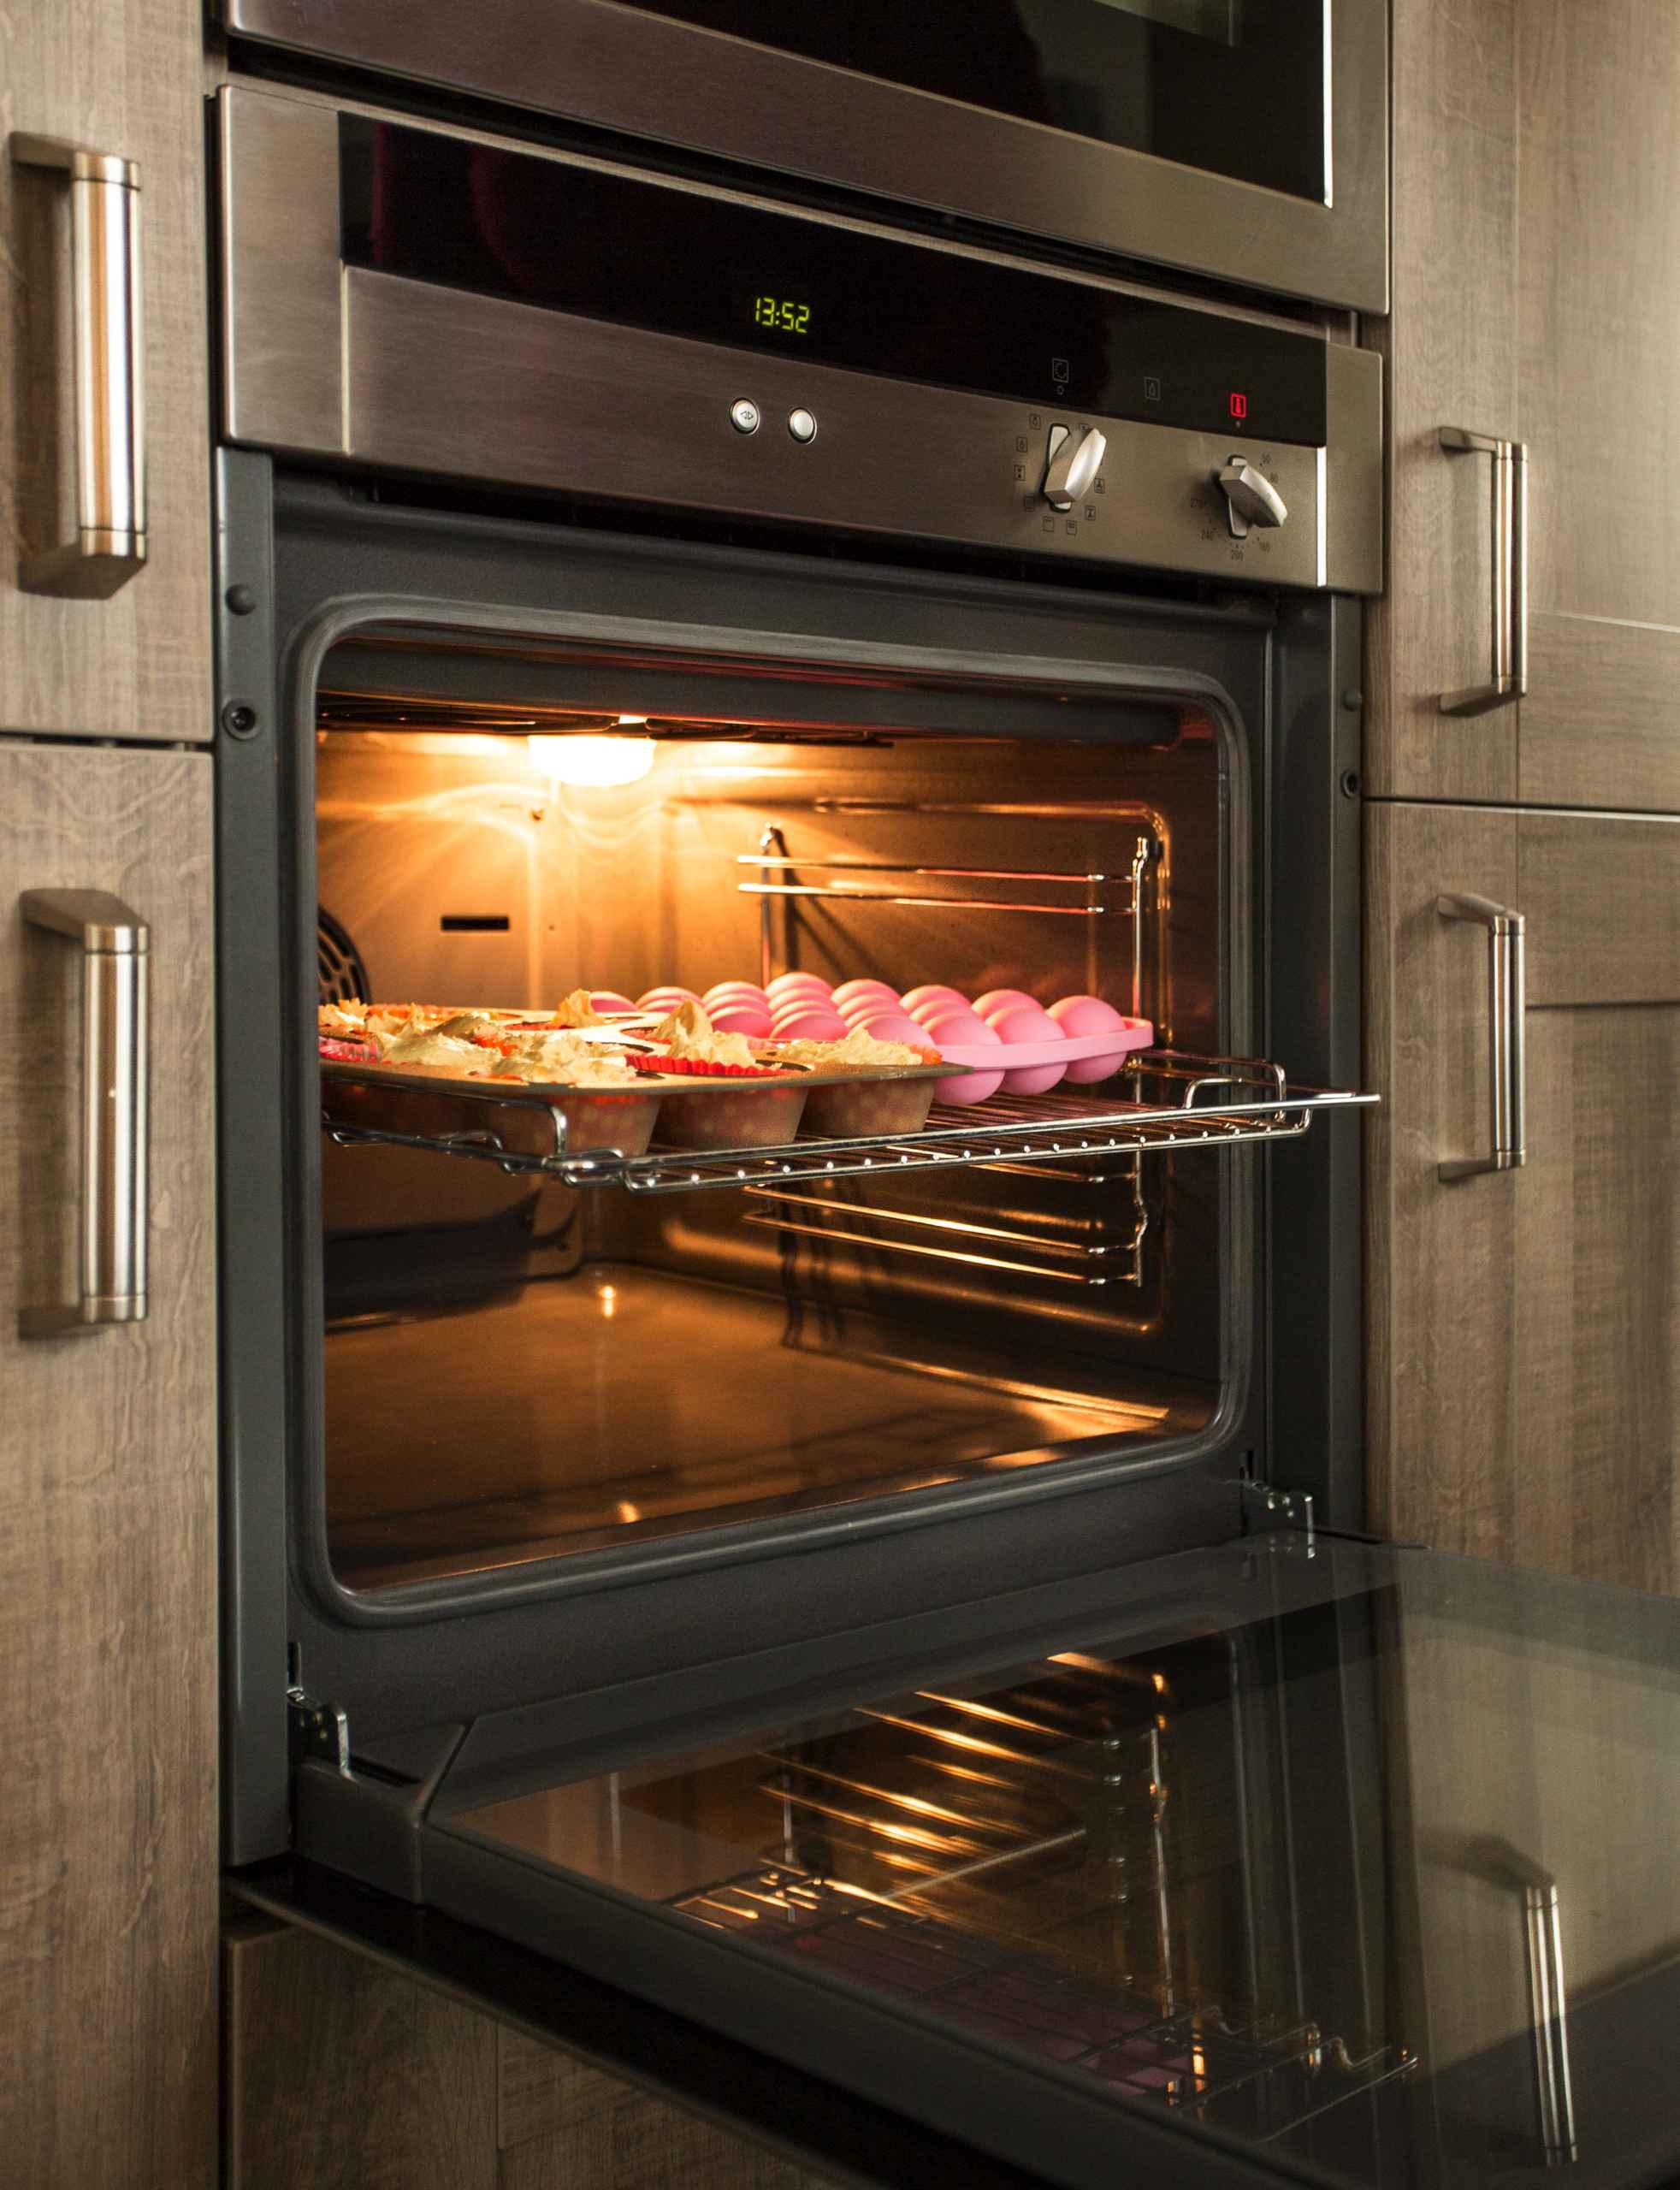 Keuken Drachten Quooker : Maatwerk keuken in houtlook authentiek eiken – Holwerd Friesland 023